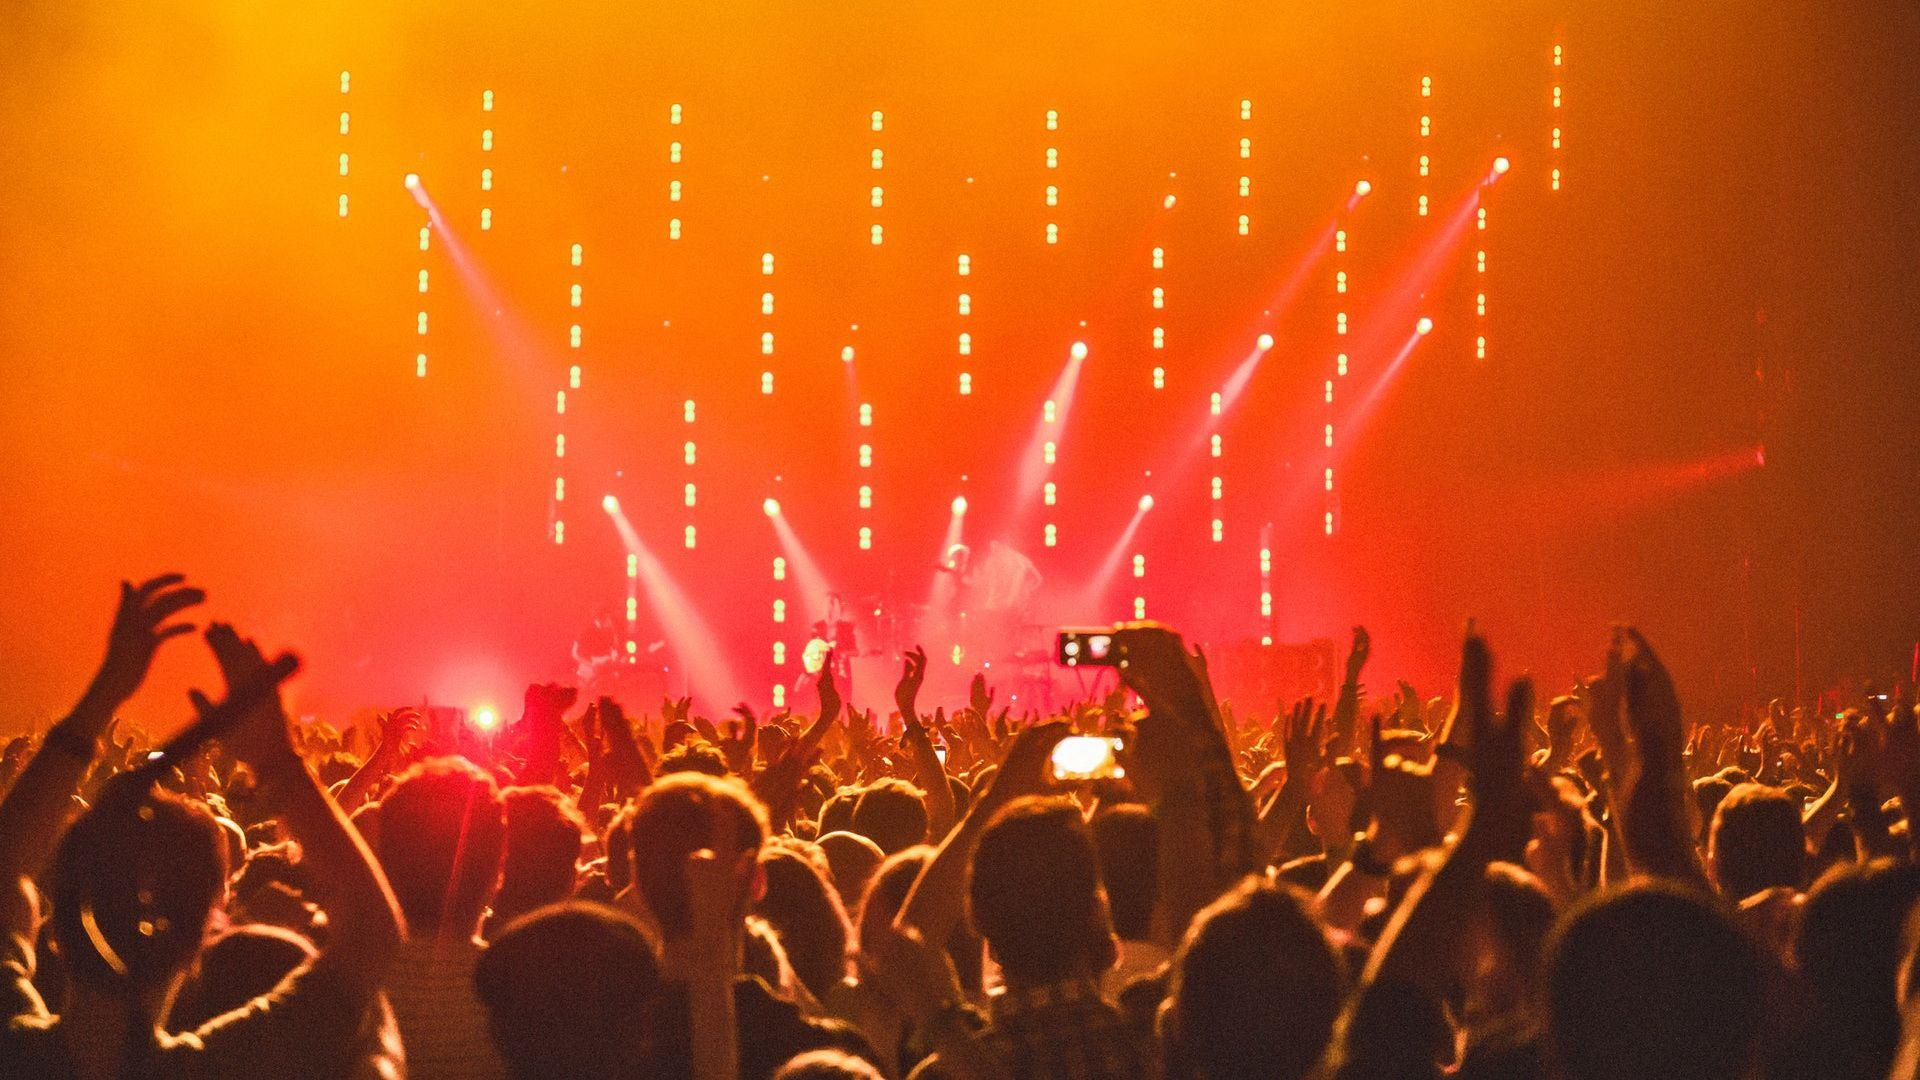 Concert desktop wallpaper